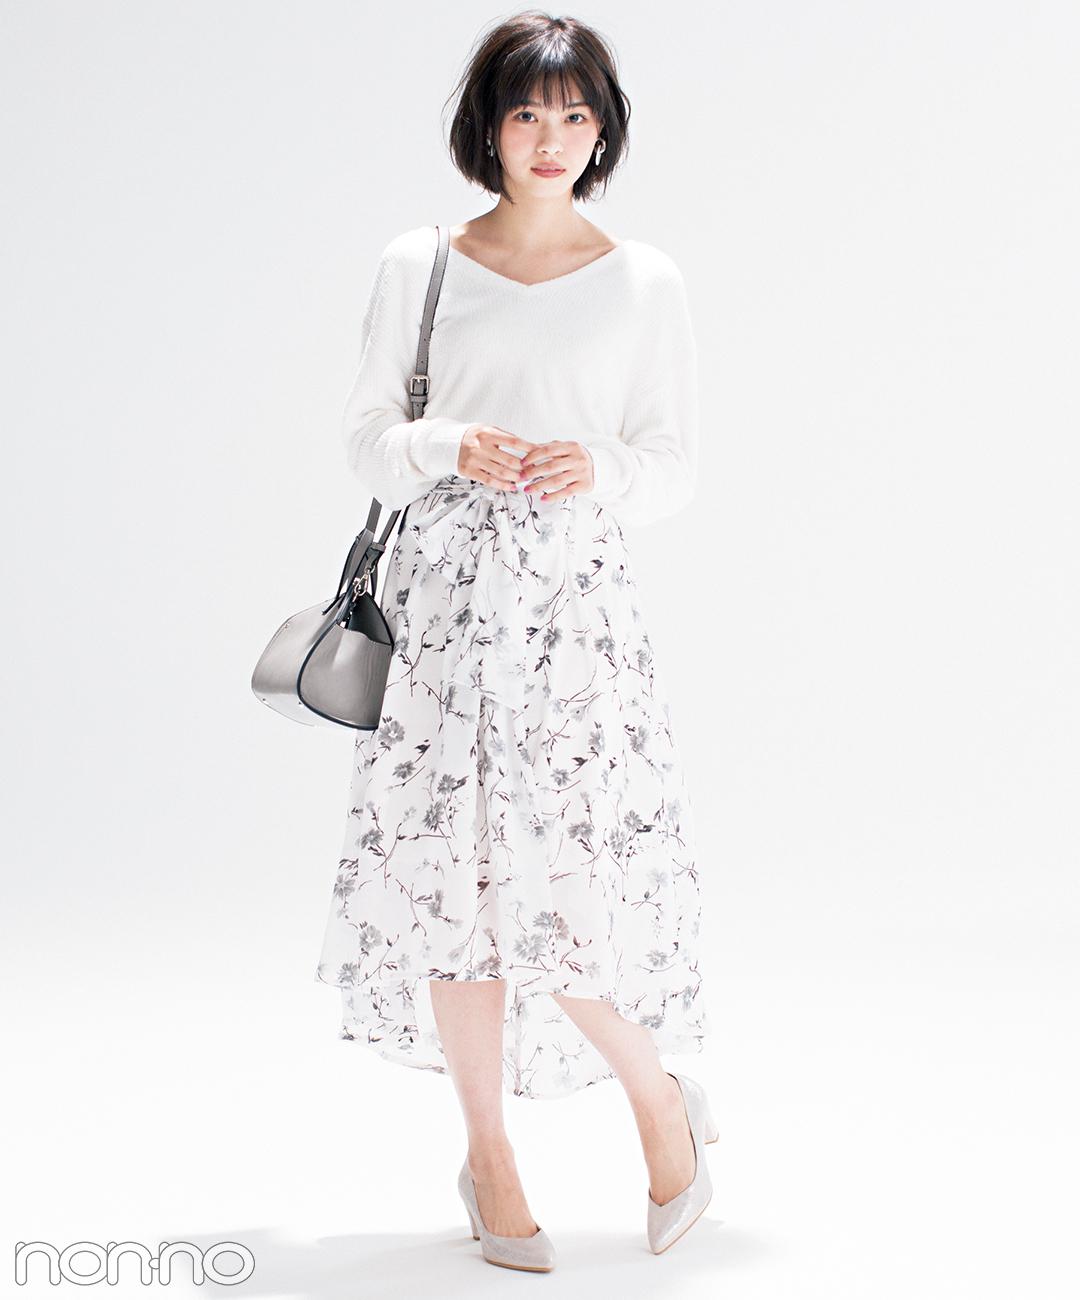 優子と七瀬がお手本♡ 女子が永遠好きな配色★白っぽワントーン2018春の4選_1_3-1